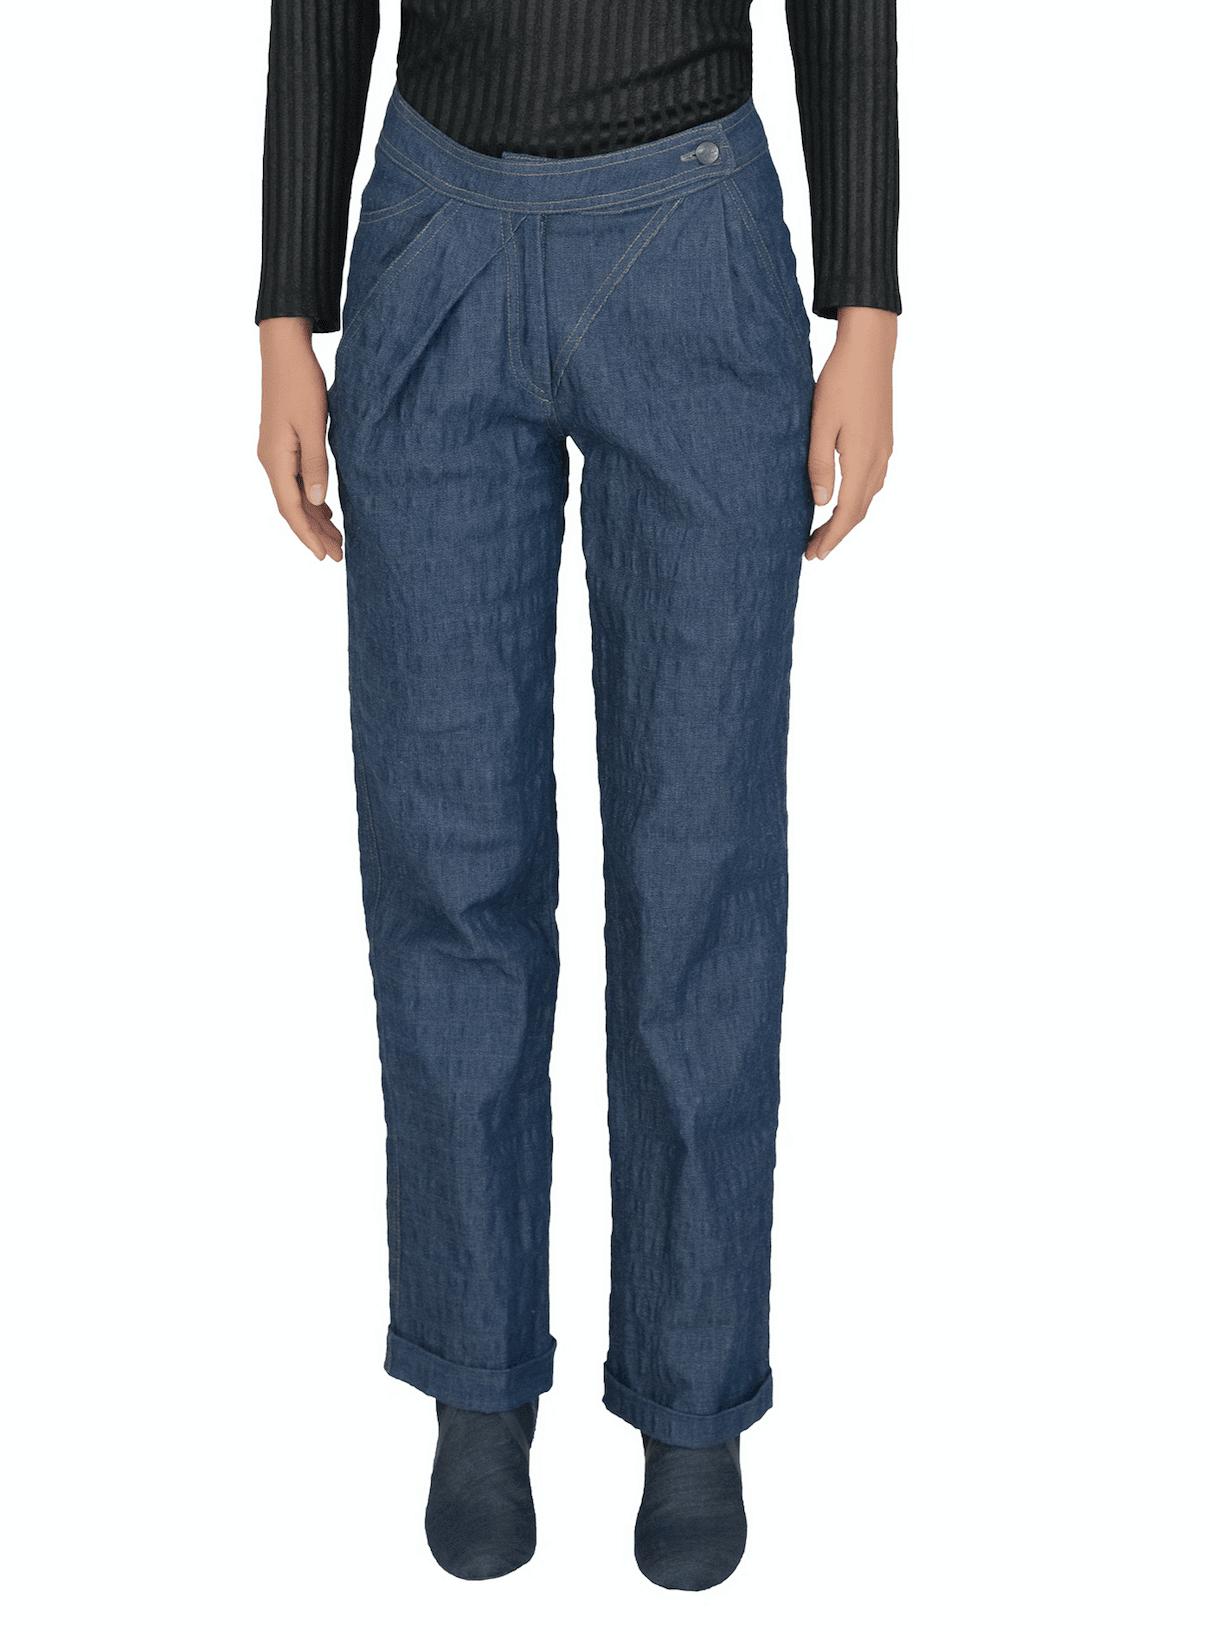 Trousers SAN BLAS 0